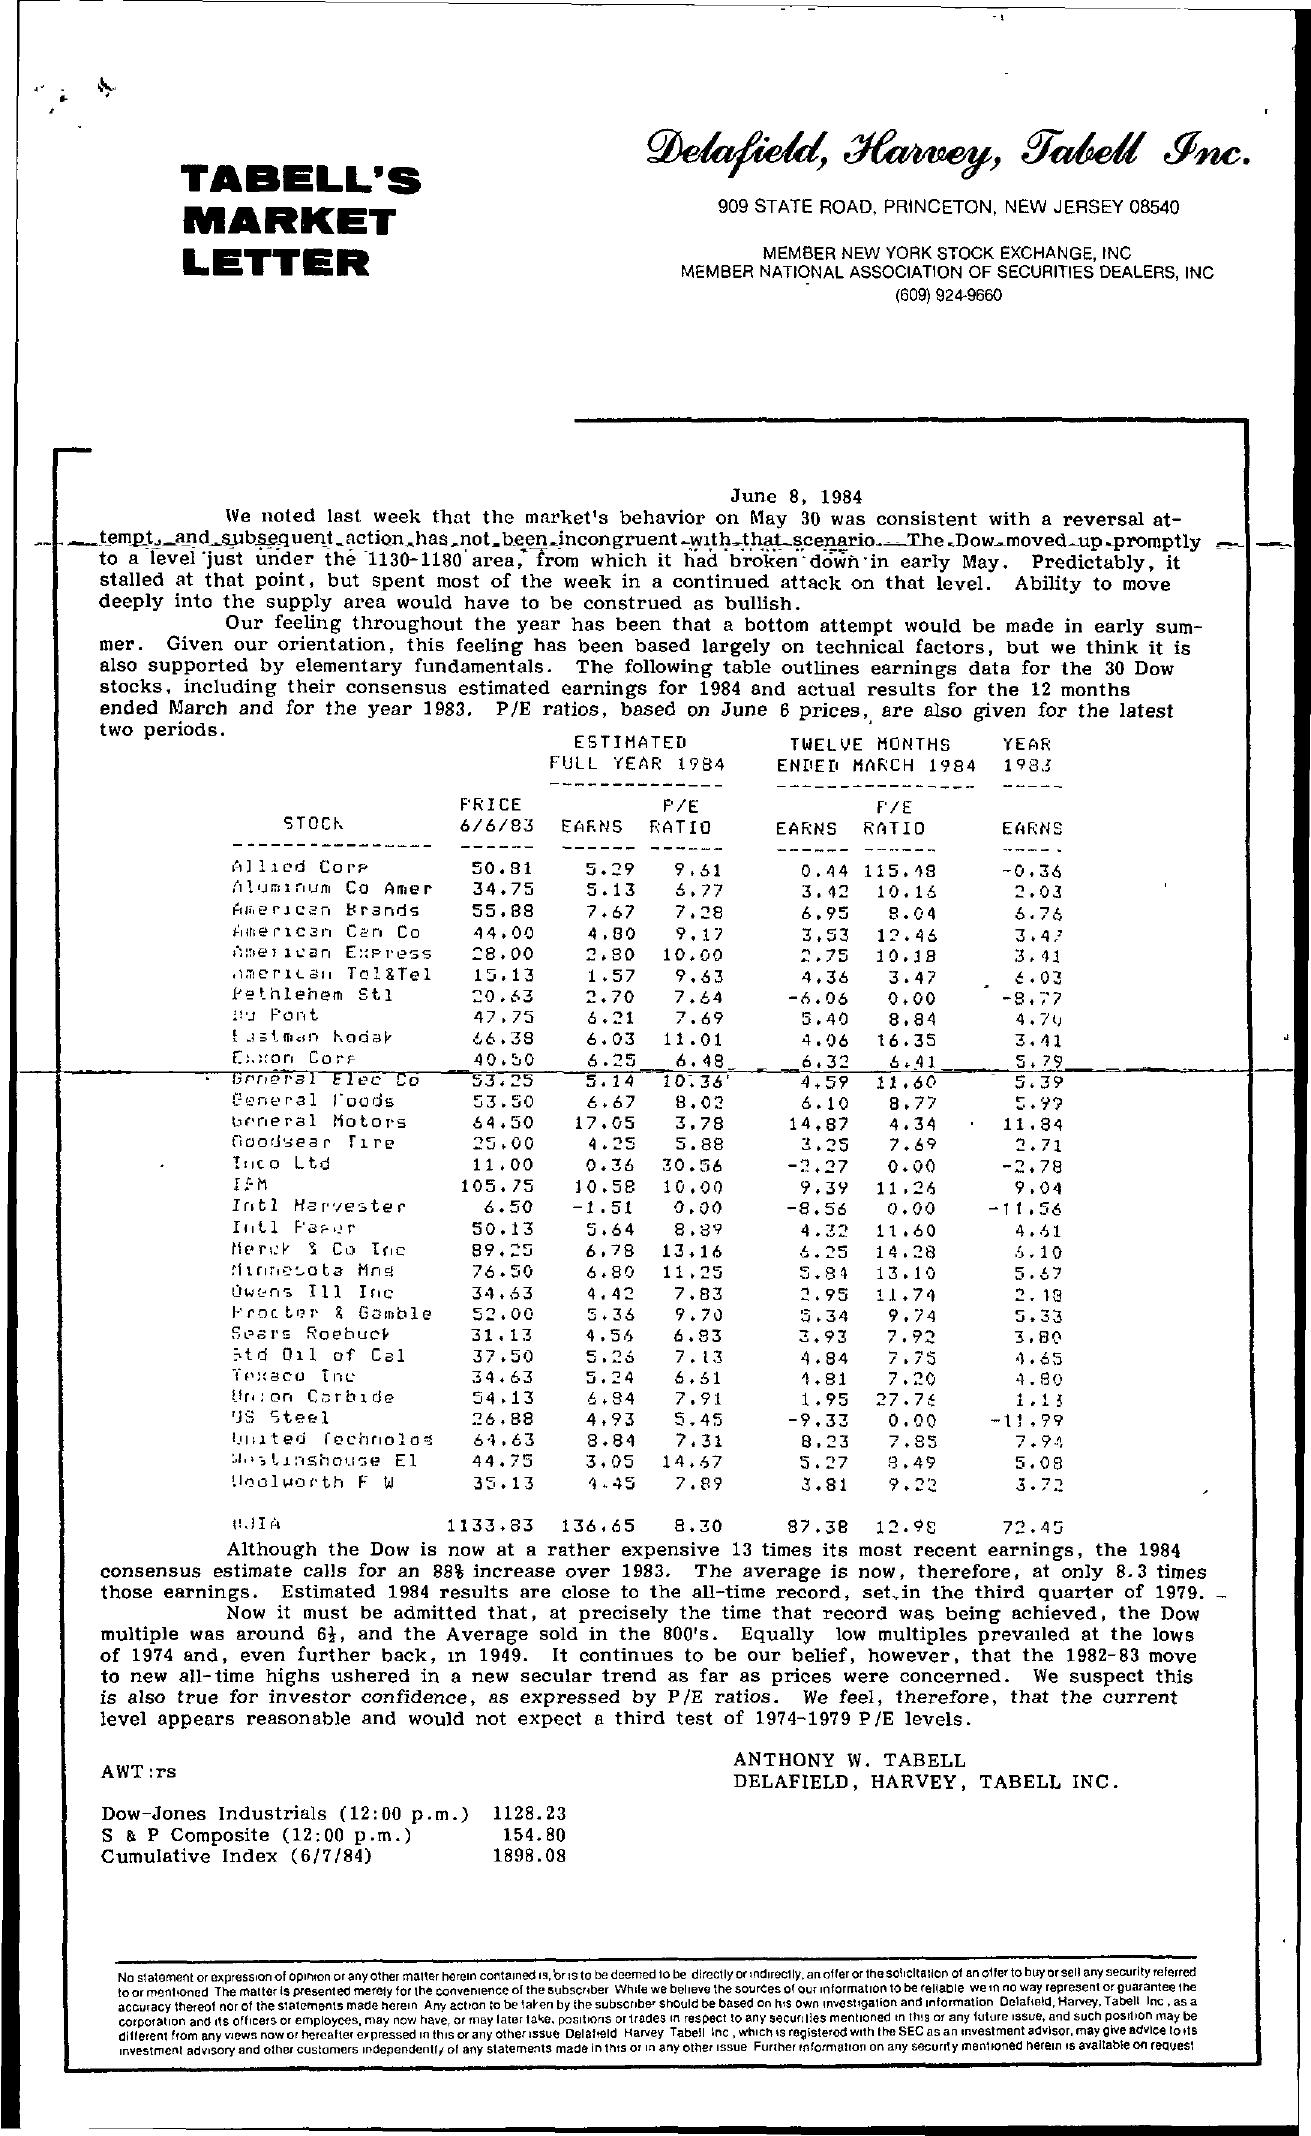 Tabell's Market Letter - June 08, 1984